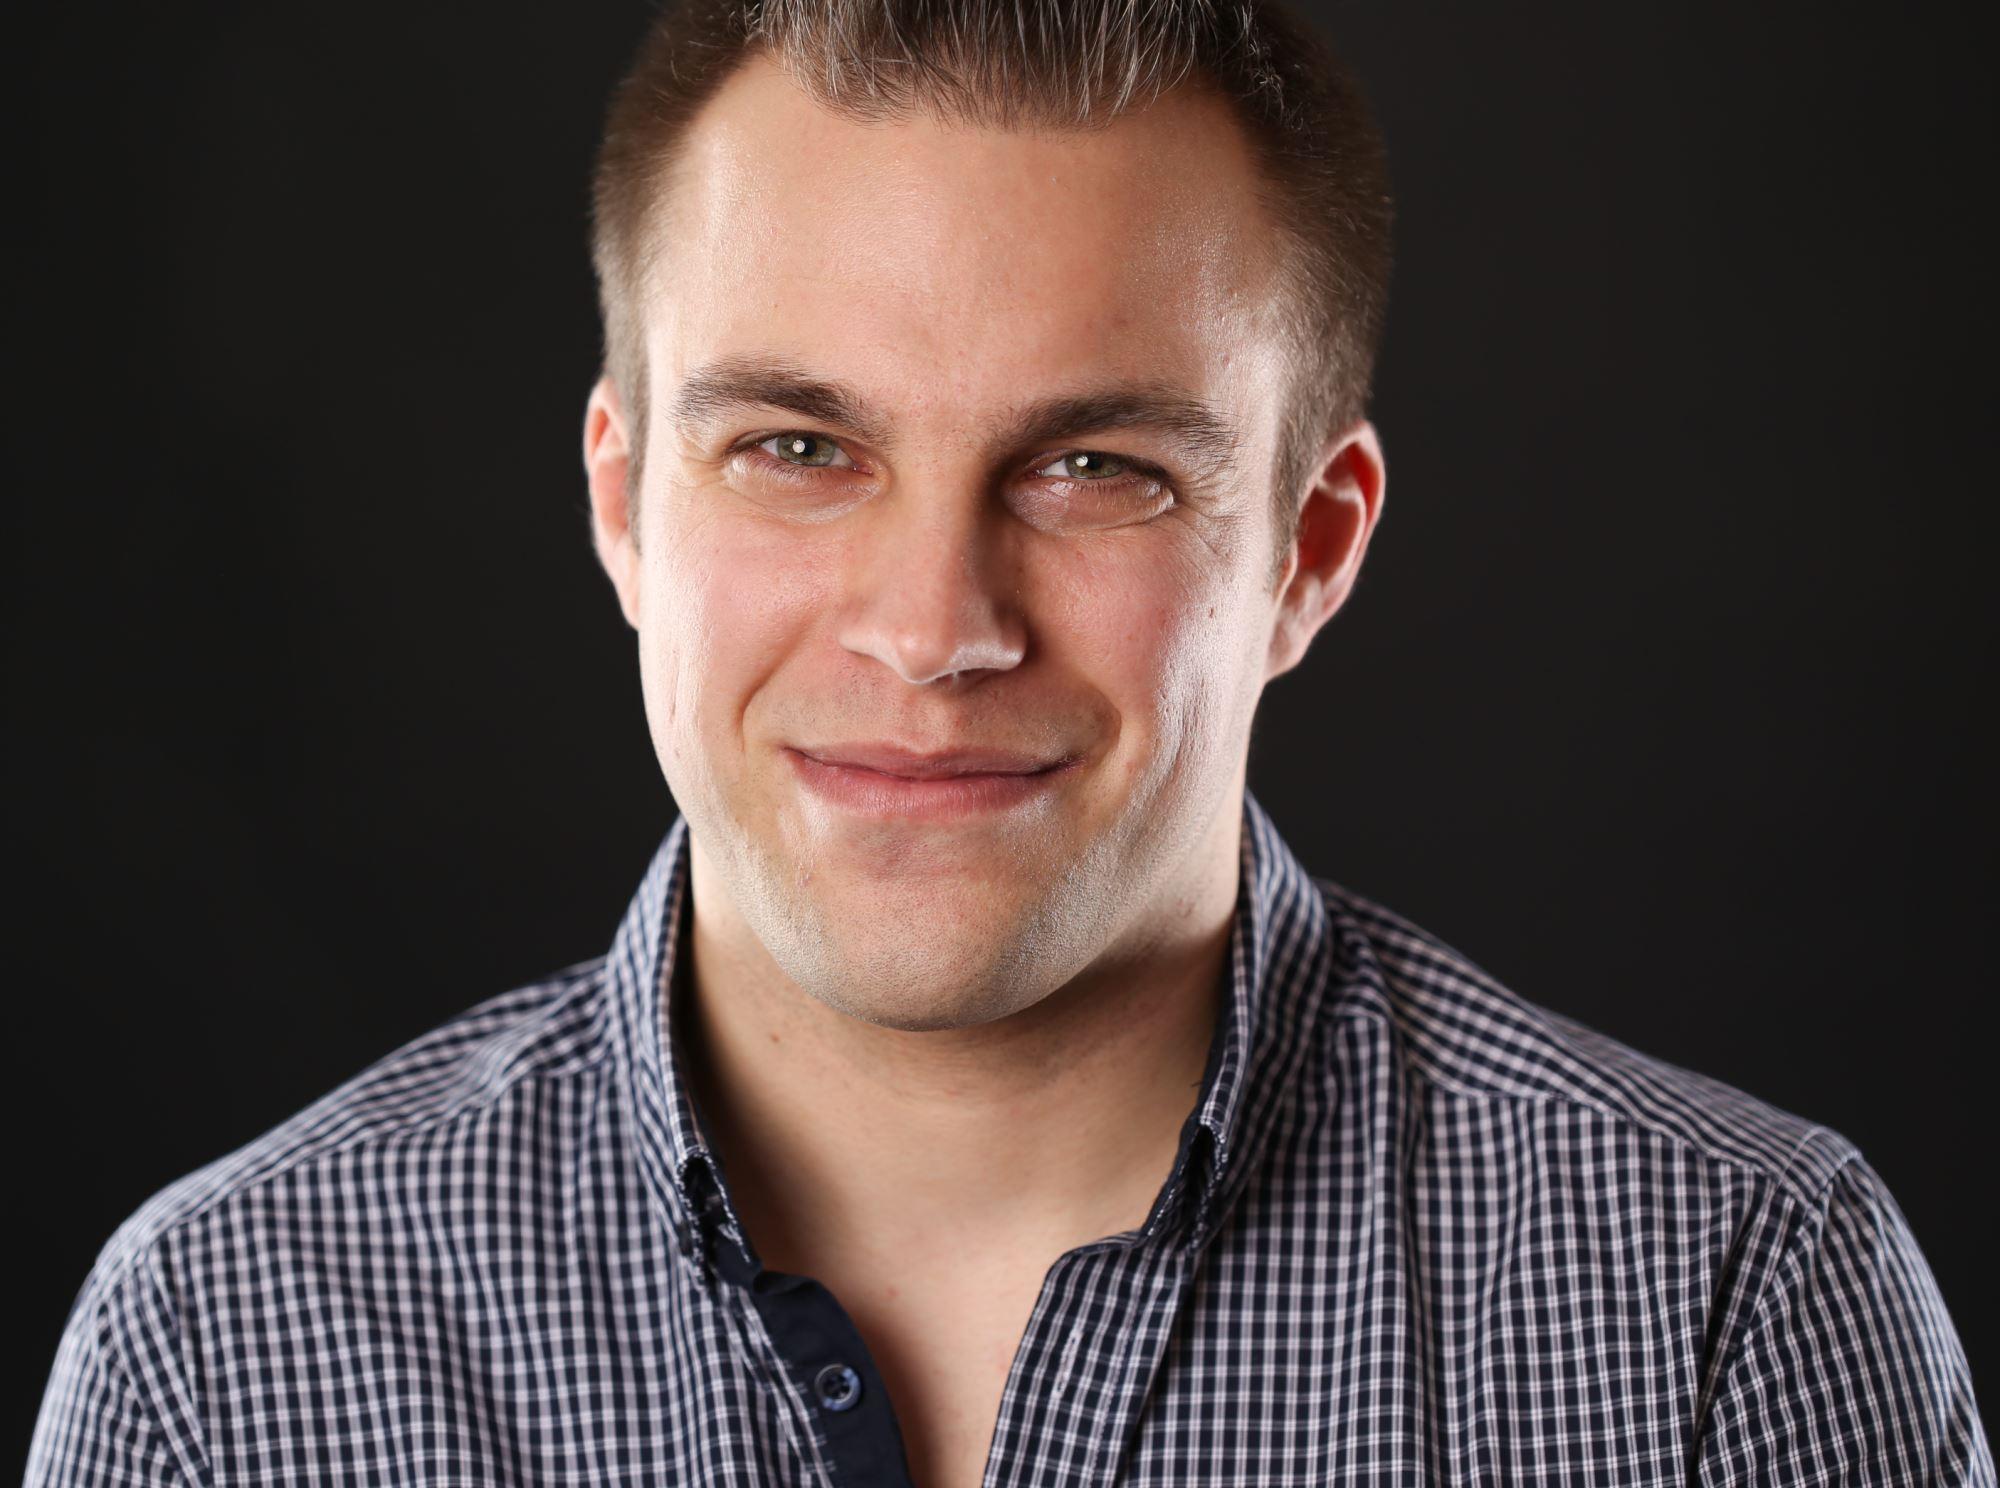 Andreas Mast